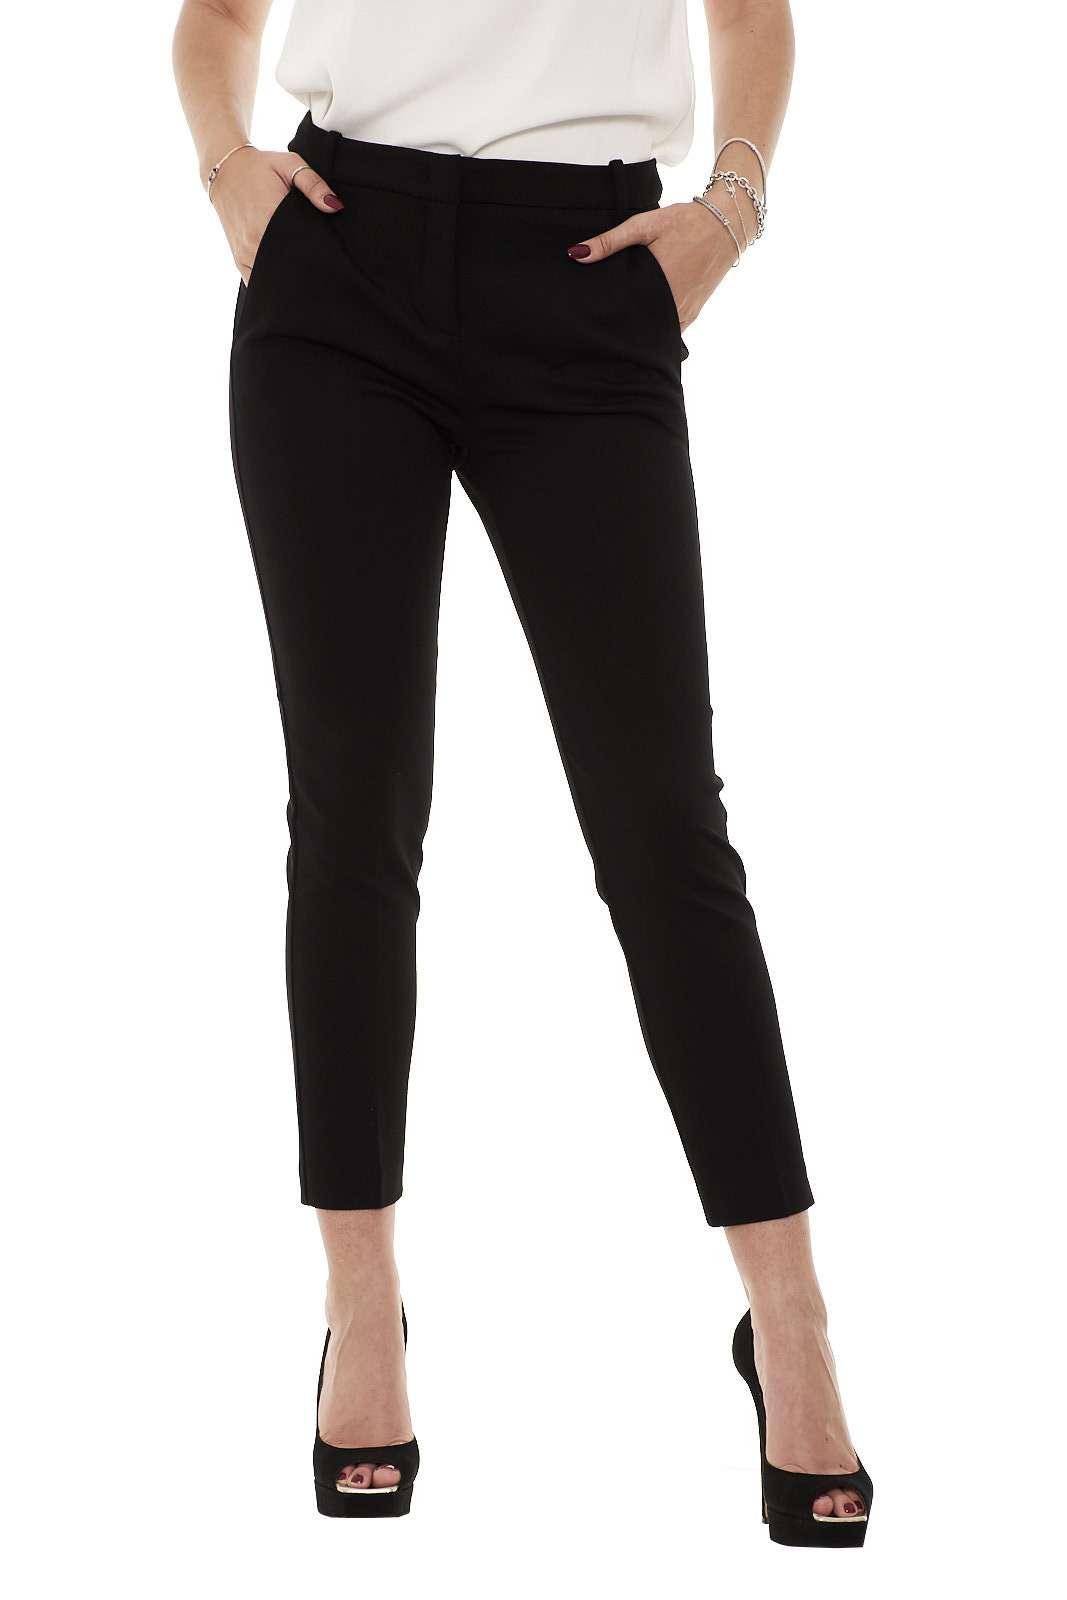 Ideali per le occasioni più formali, i nuovi pantaloni firmati Pinko si caratterizzano per classe e comodità. Il tessuto in punto stoffa li rende confortevole, mentre il taglio chino dona quel tocco di classe. Ideali per le occasioni più importanti, da abbinare con un tacco alto o con un mocassino.